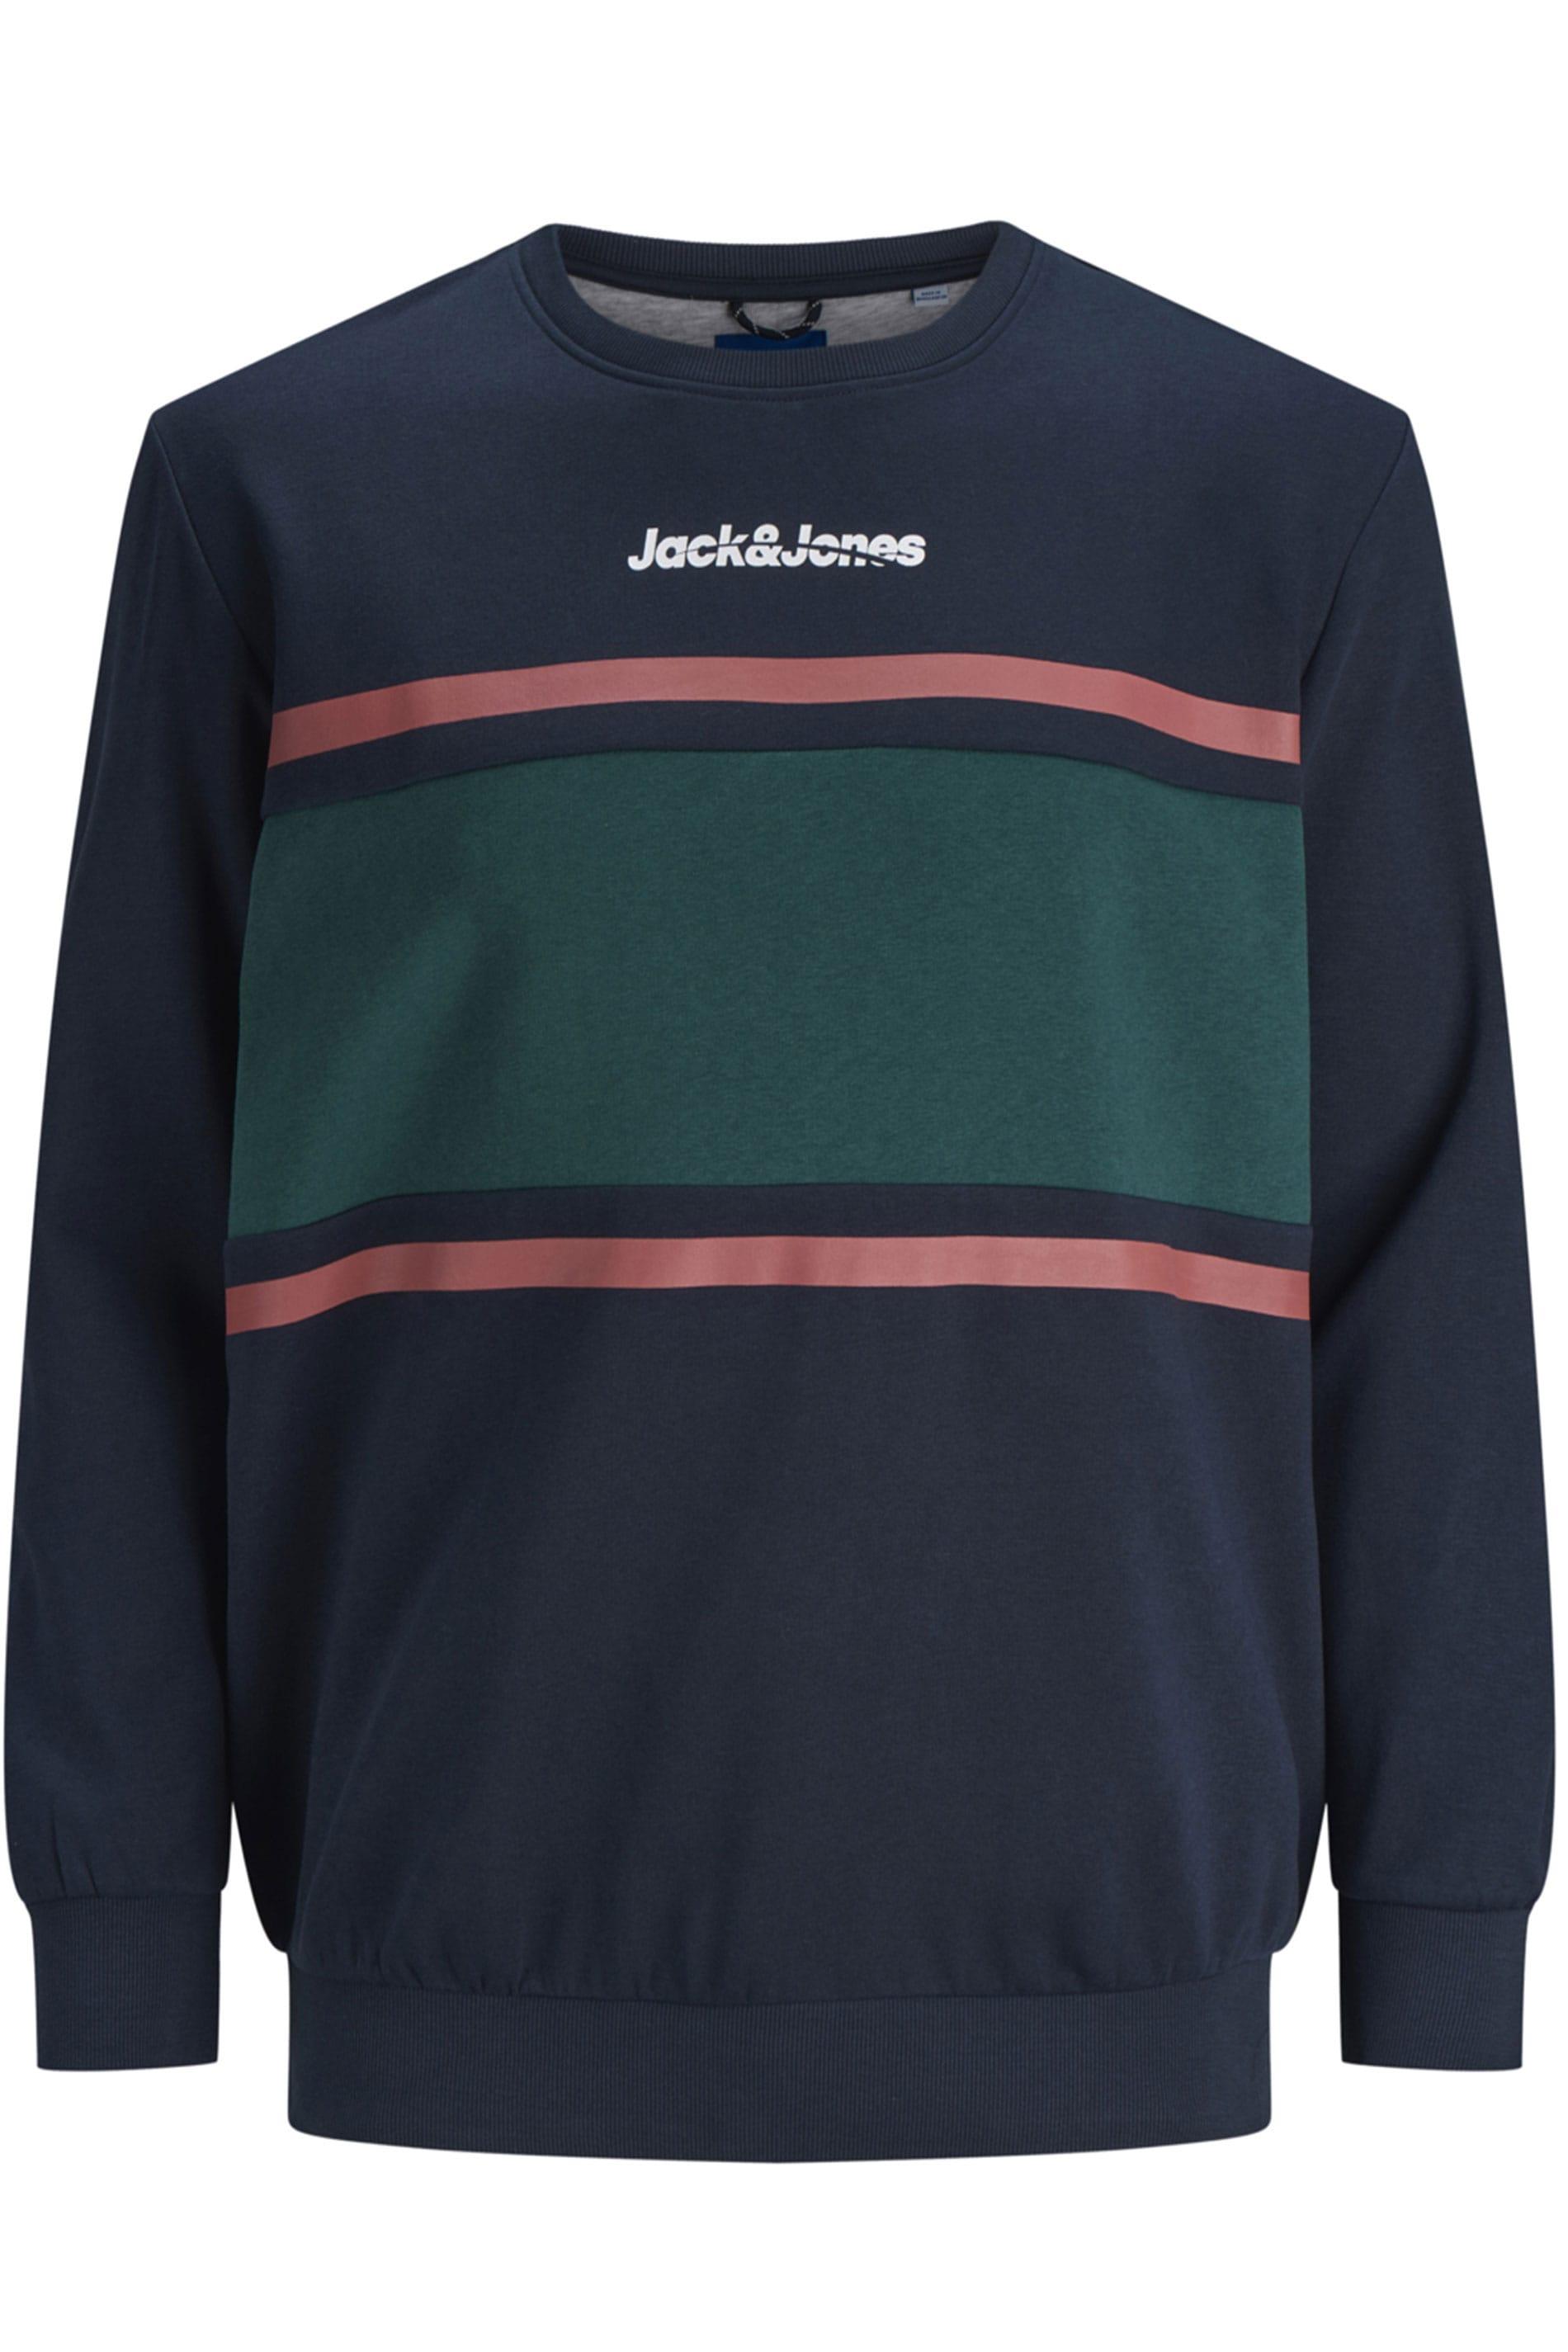 JACK & JONES Navy & Green Colour Block Sweatshirt